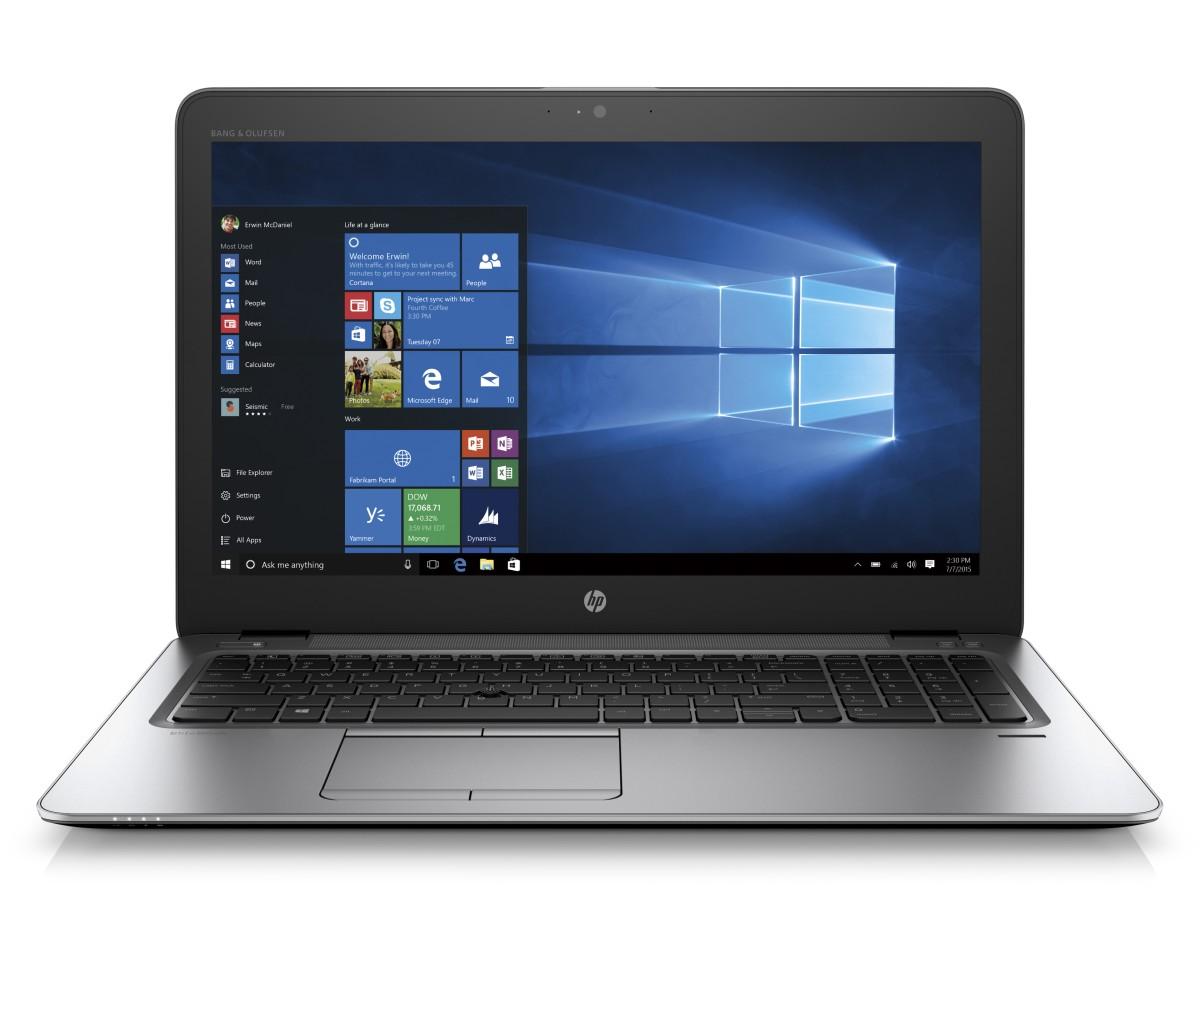 """HP EliteBook 850 G4, i7-7500U, 15.6"""" FHD, AMD R7M465/2GB, 16GB, 512GB SSD, ac, BT, FpR, backlit keyb, lt4132, W10Pro"""